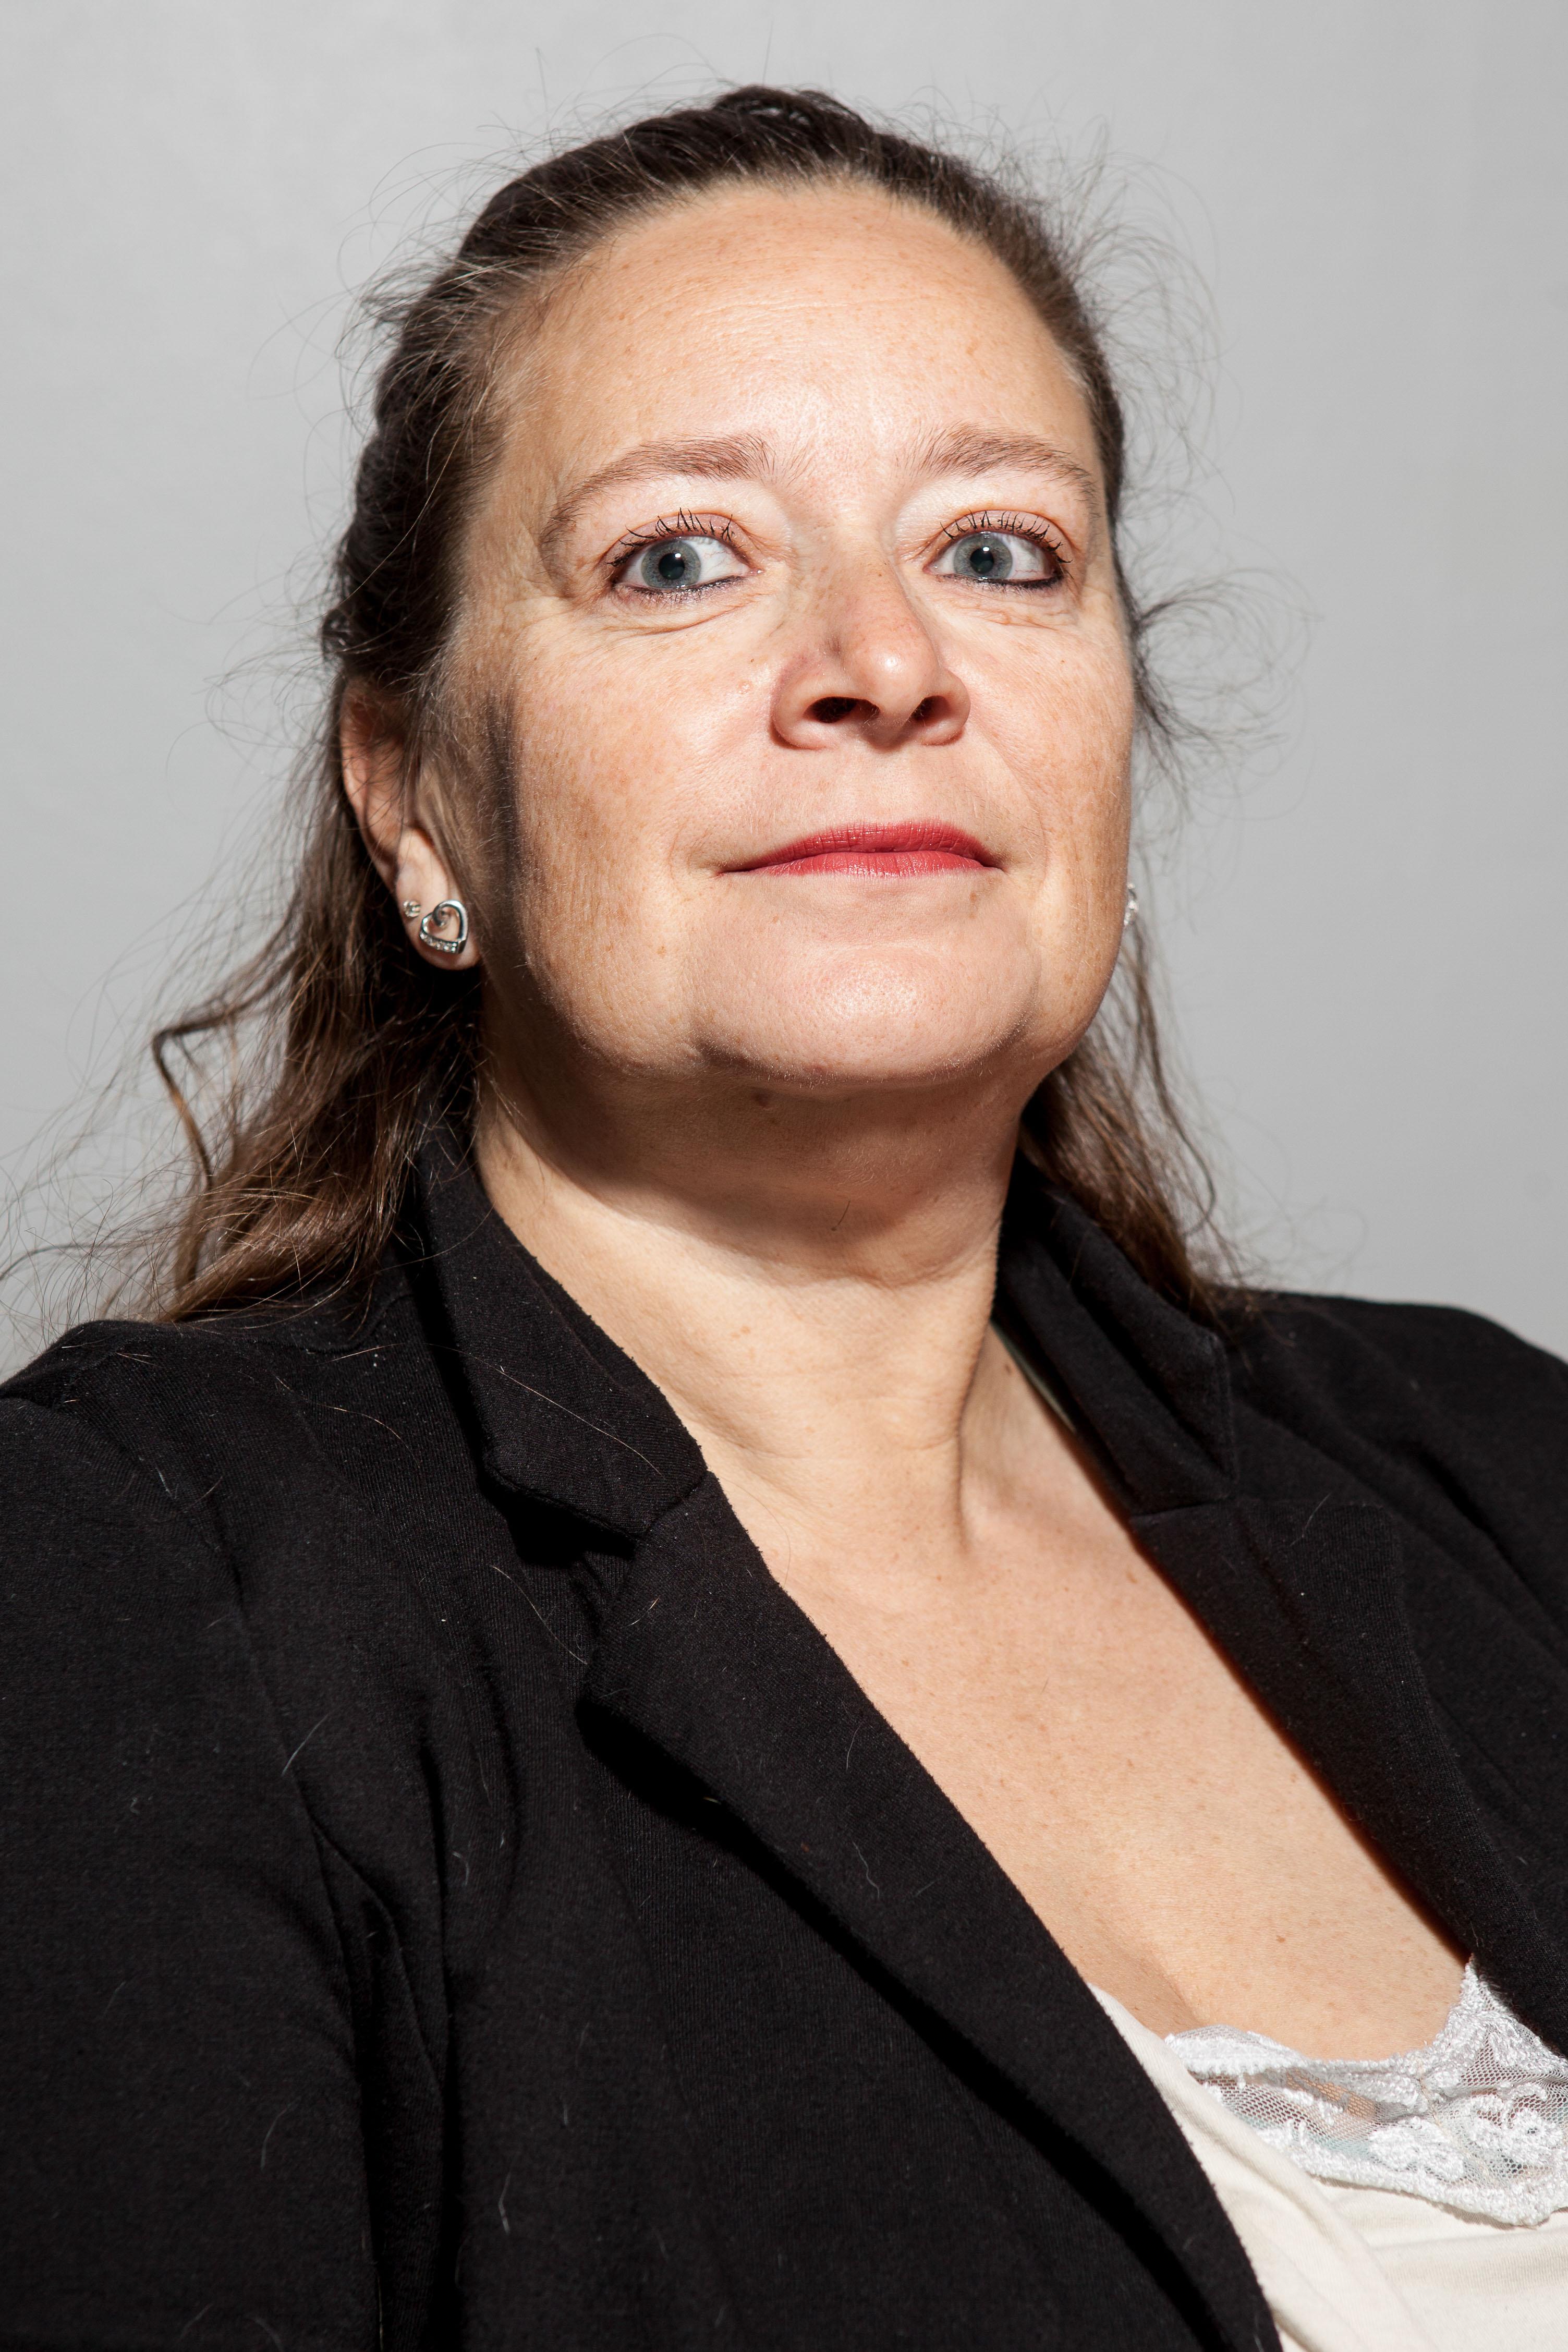 Maibritt P. Pedersen